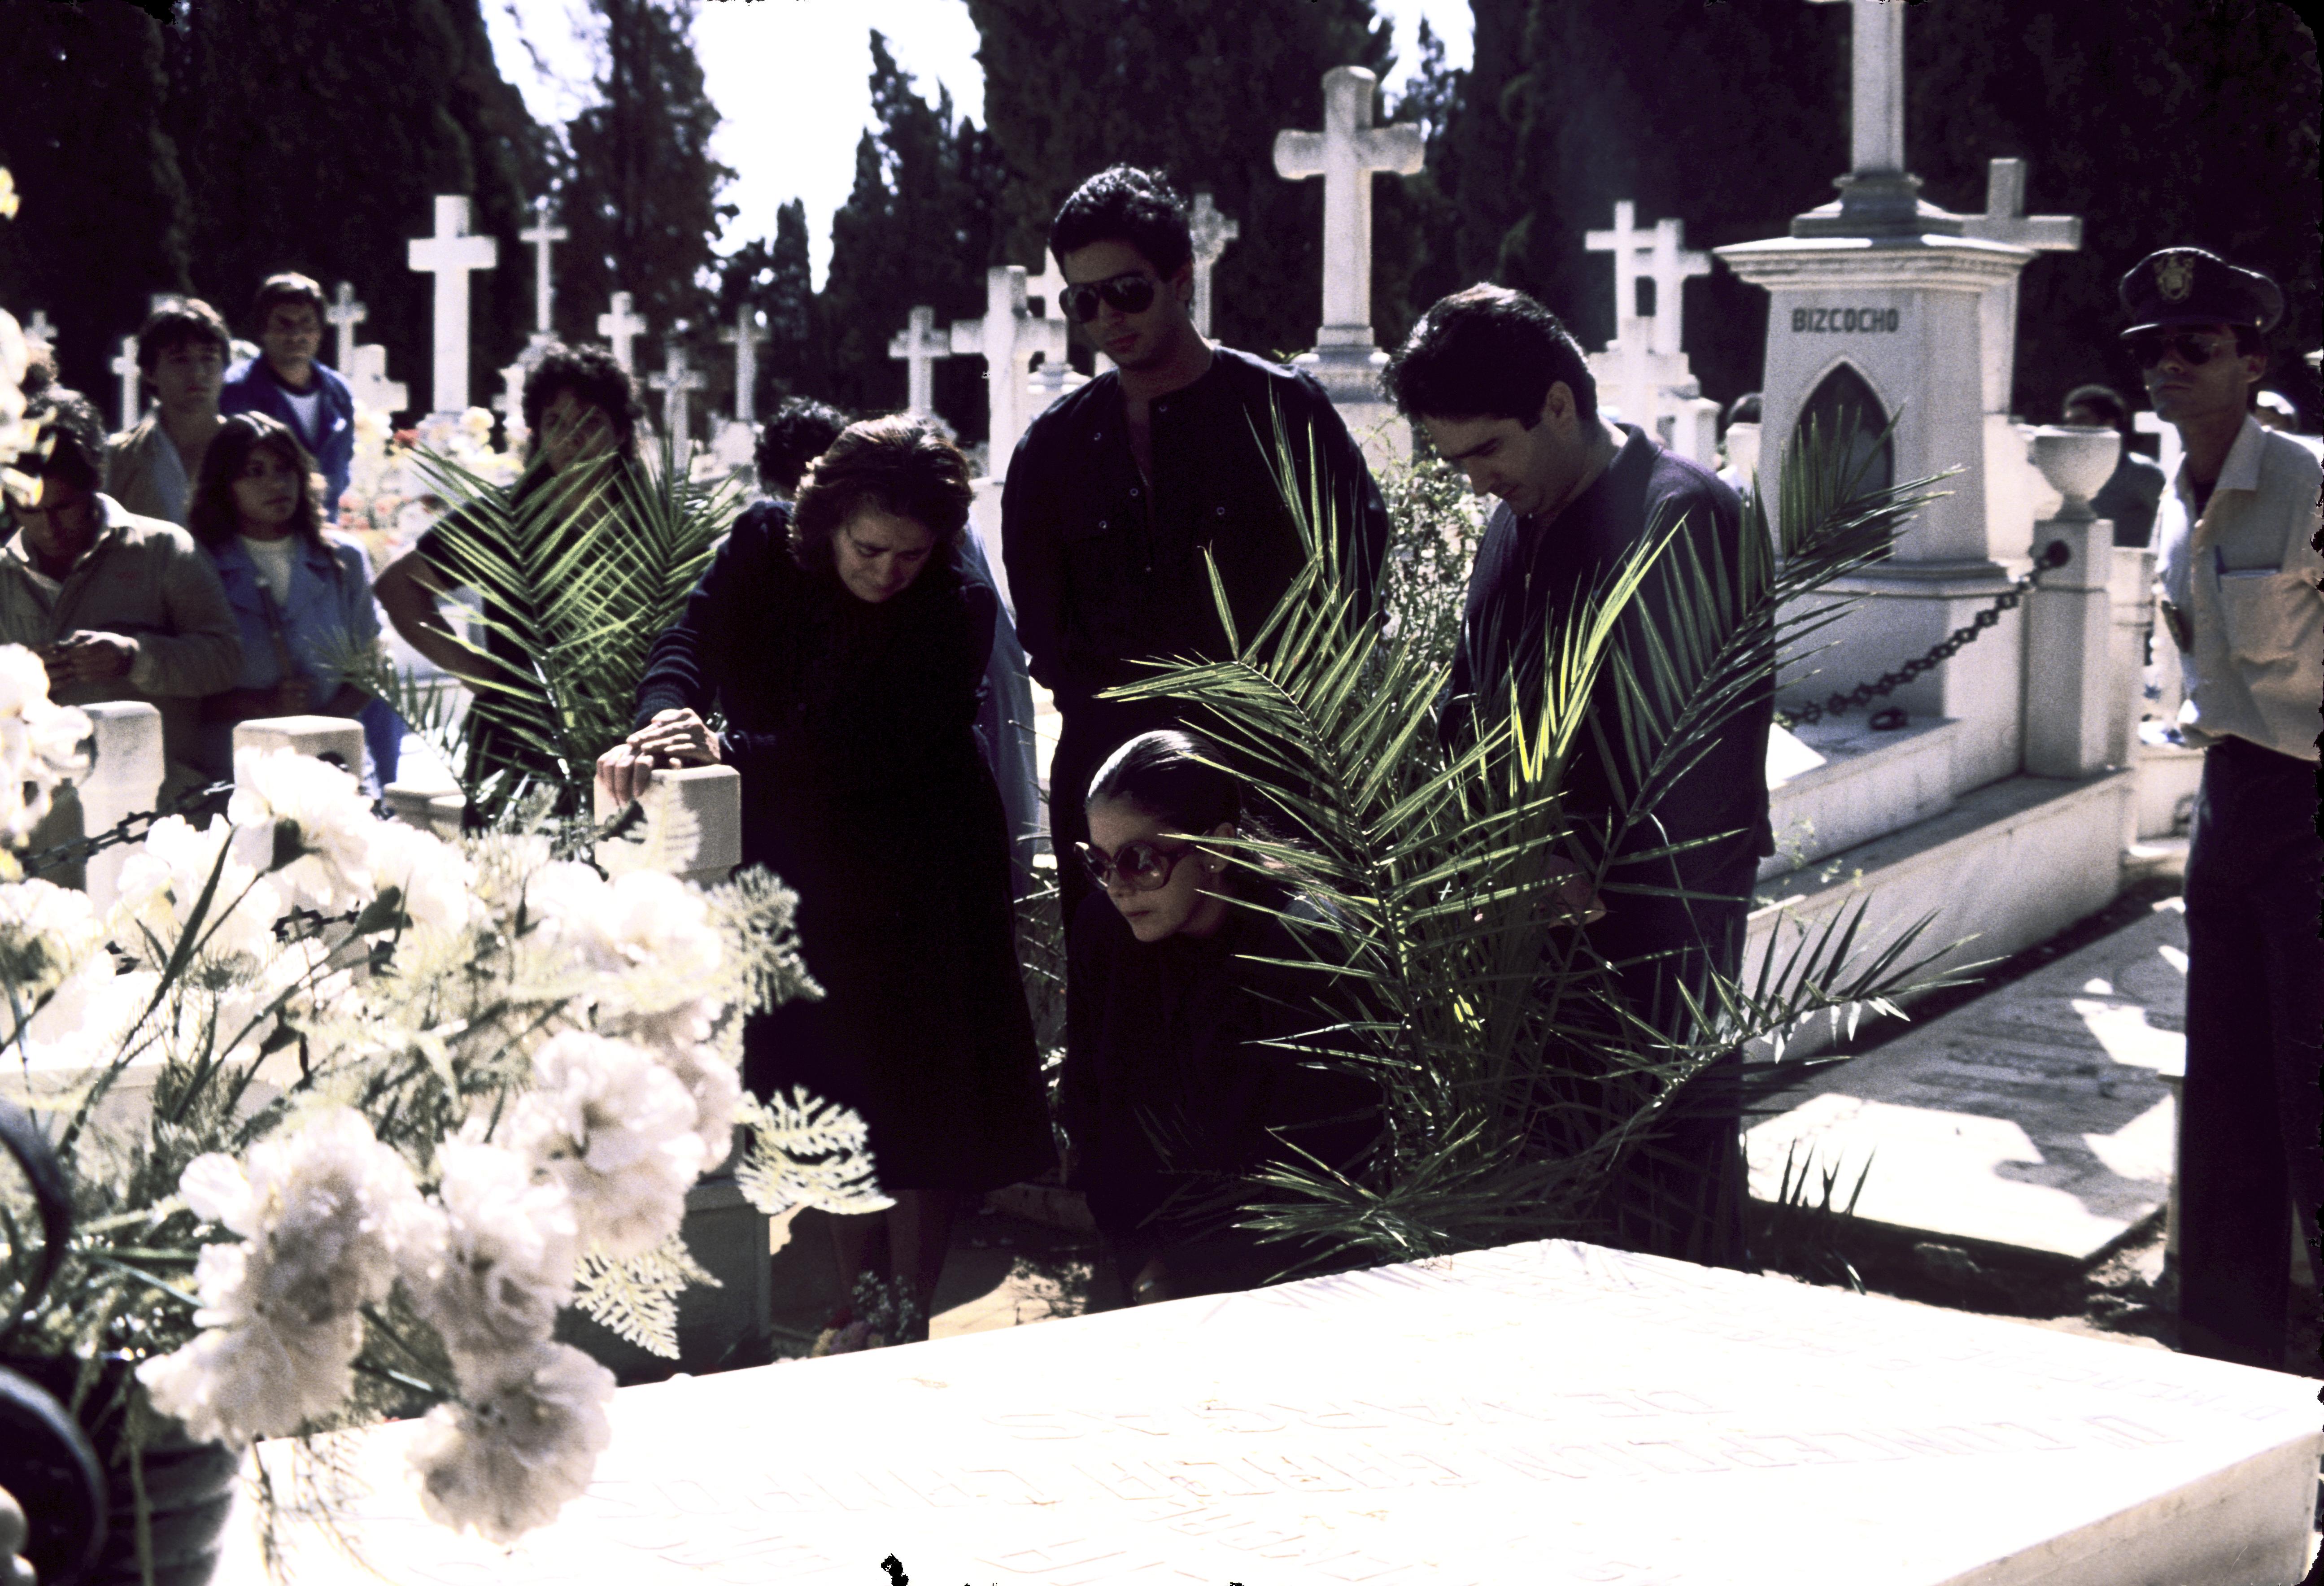 """LA CANTANTE ISABEL PANTOJA JUNTO A SU MADRE ANA MARTIN Y SUS HERMANOS AGUSTIN Y BERNARDO PANTOJA DURANTE EL ENTIERRO DE SU MARIDO , EL TORERO FRANCISCO RIVERA """"PAQUIRRI"""" 27/09/1984 SEVILLA"""